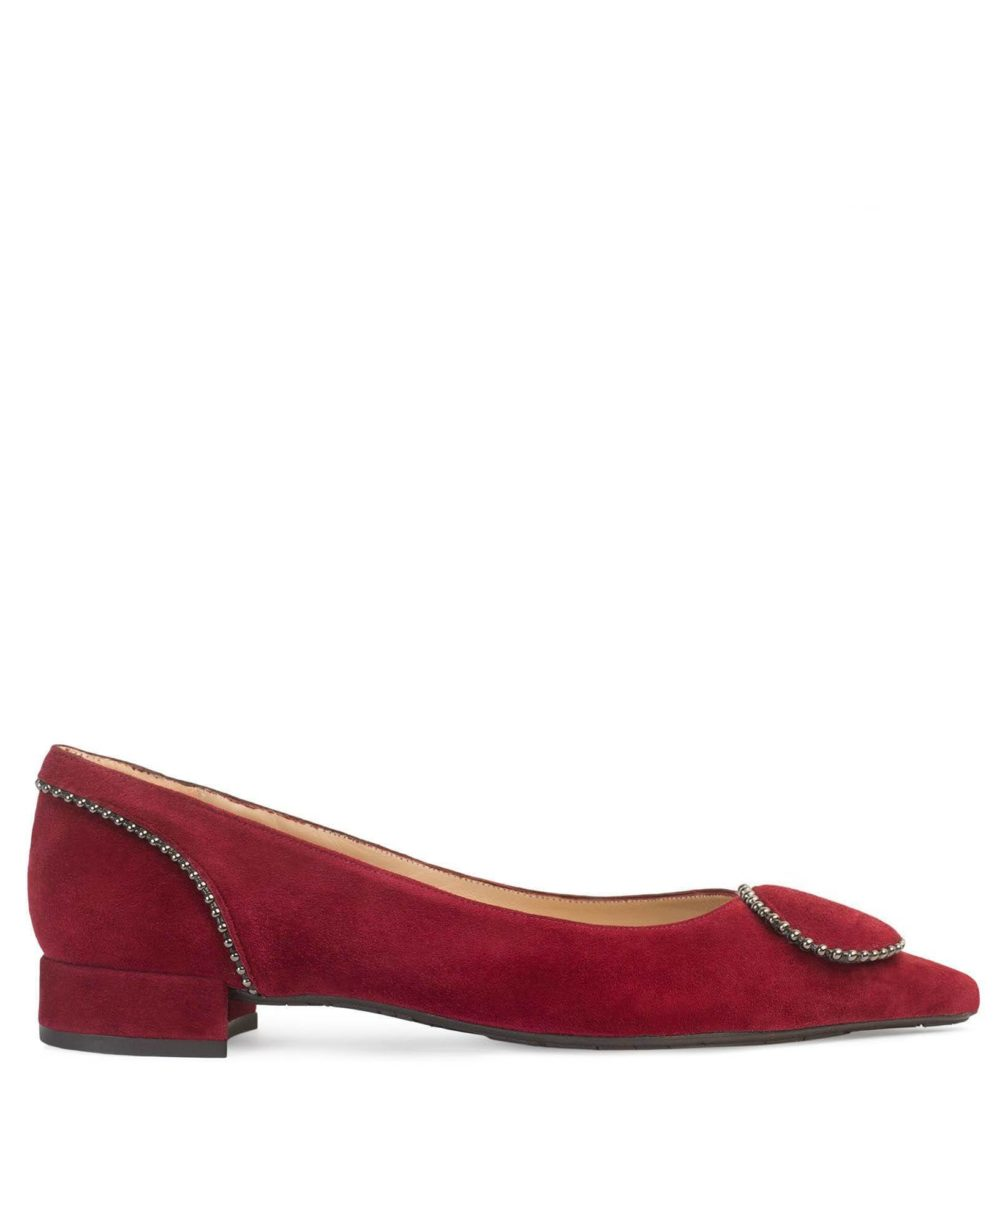 Zapatos de piel para Mujer Paco Gil. P-3814 MERCHE/WINE SUEDE